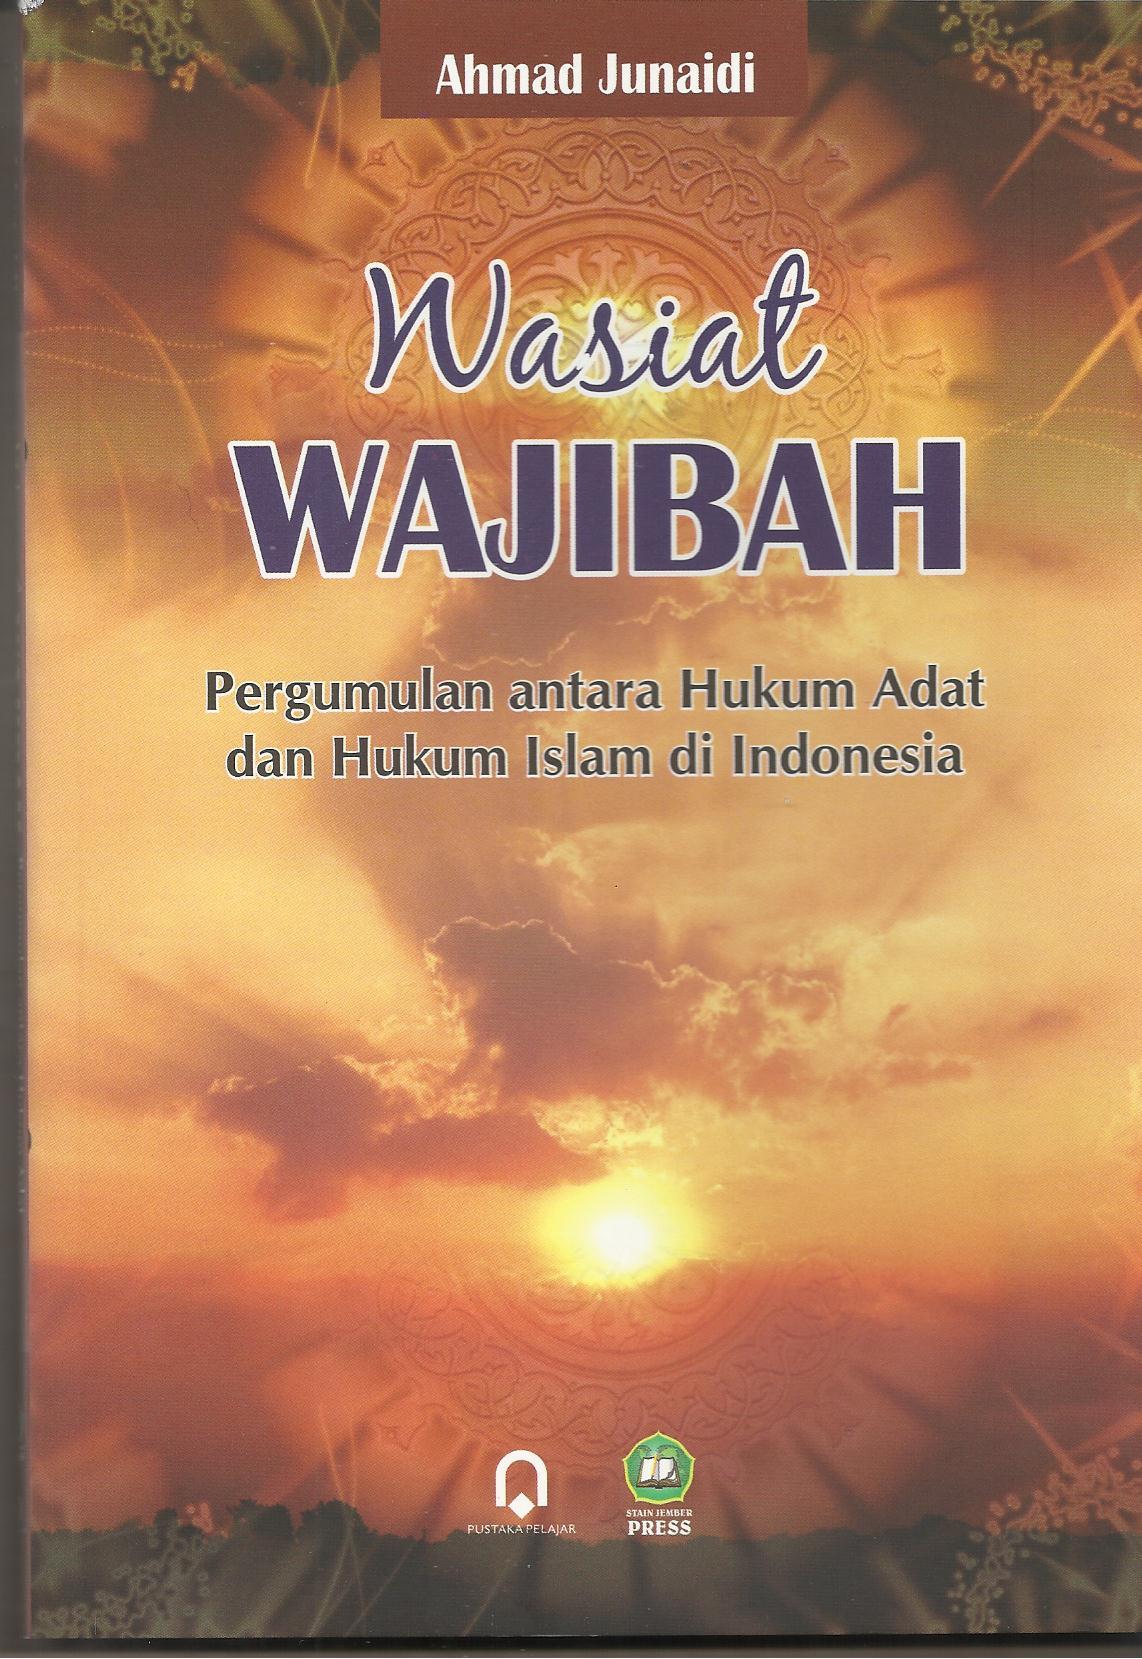 Wasiat Wajibah (Pergumulan Antara Hukum Adat dan Hukum Islam di Indonesia)